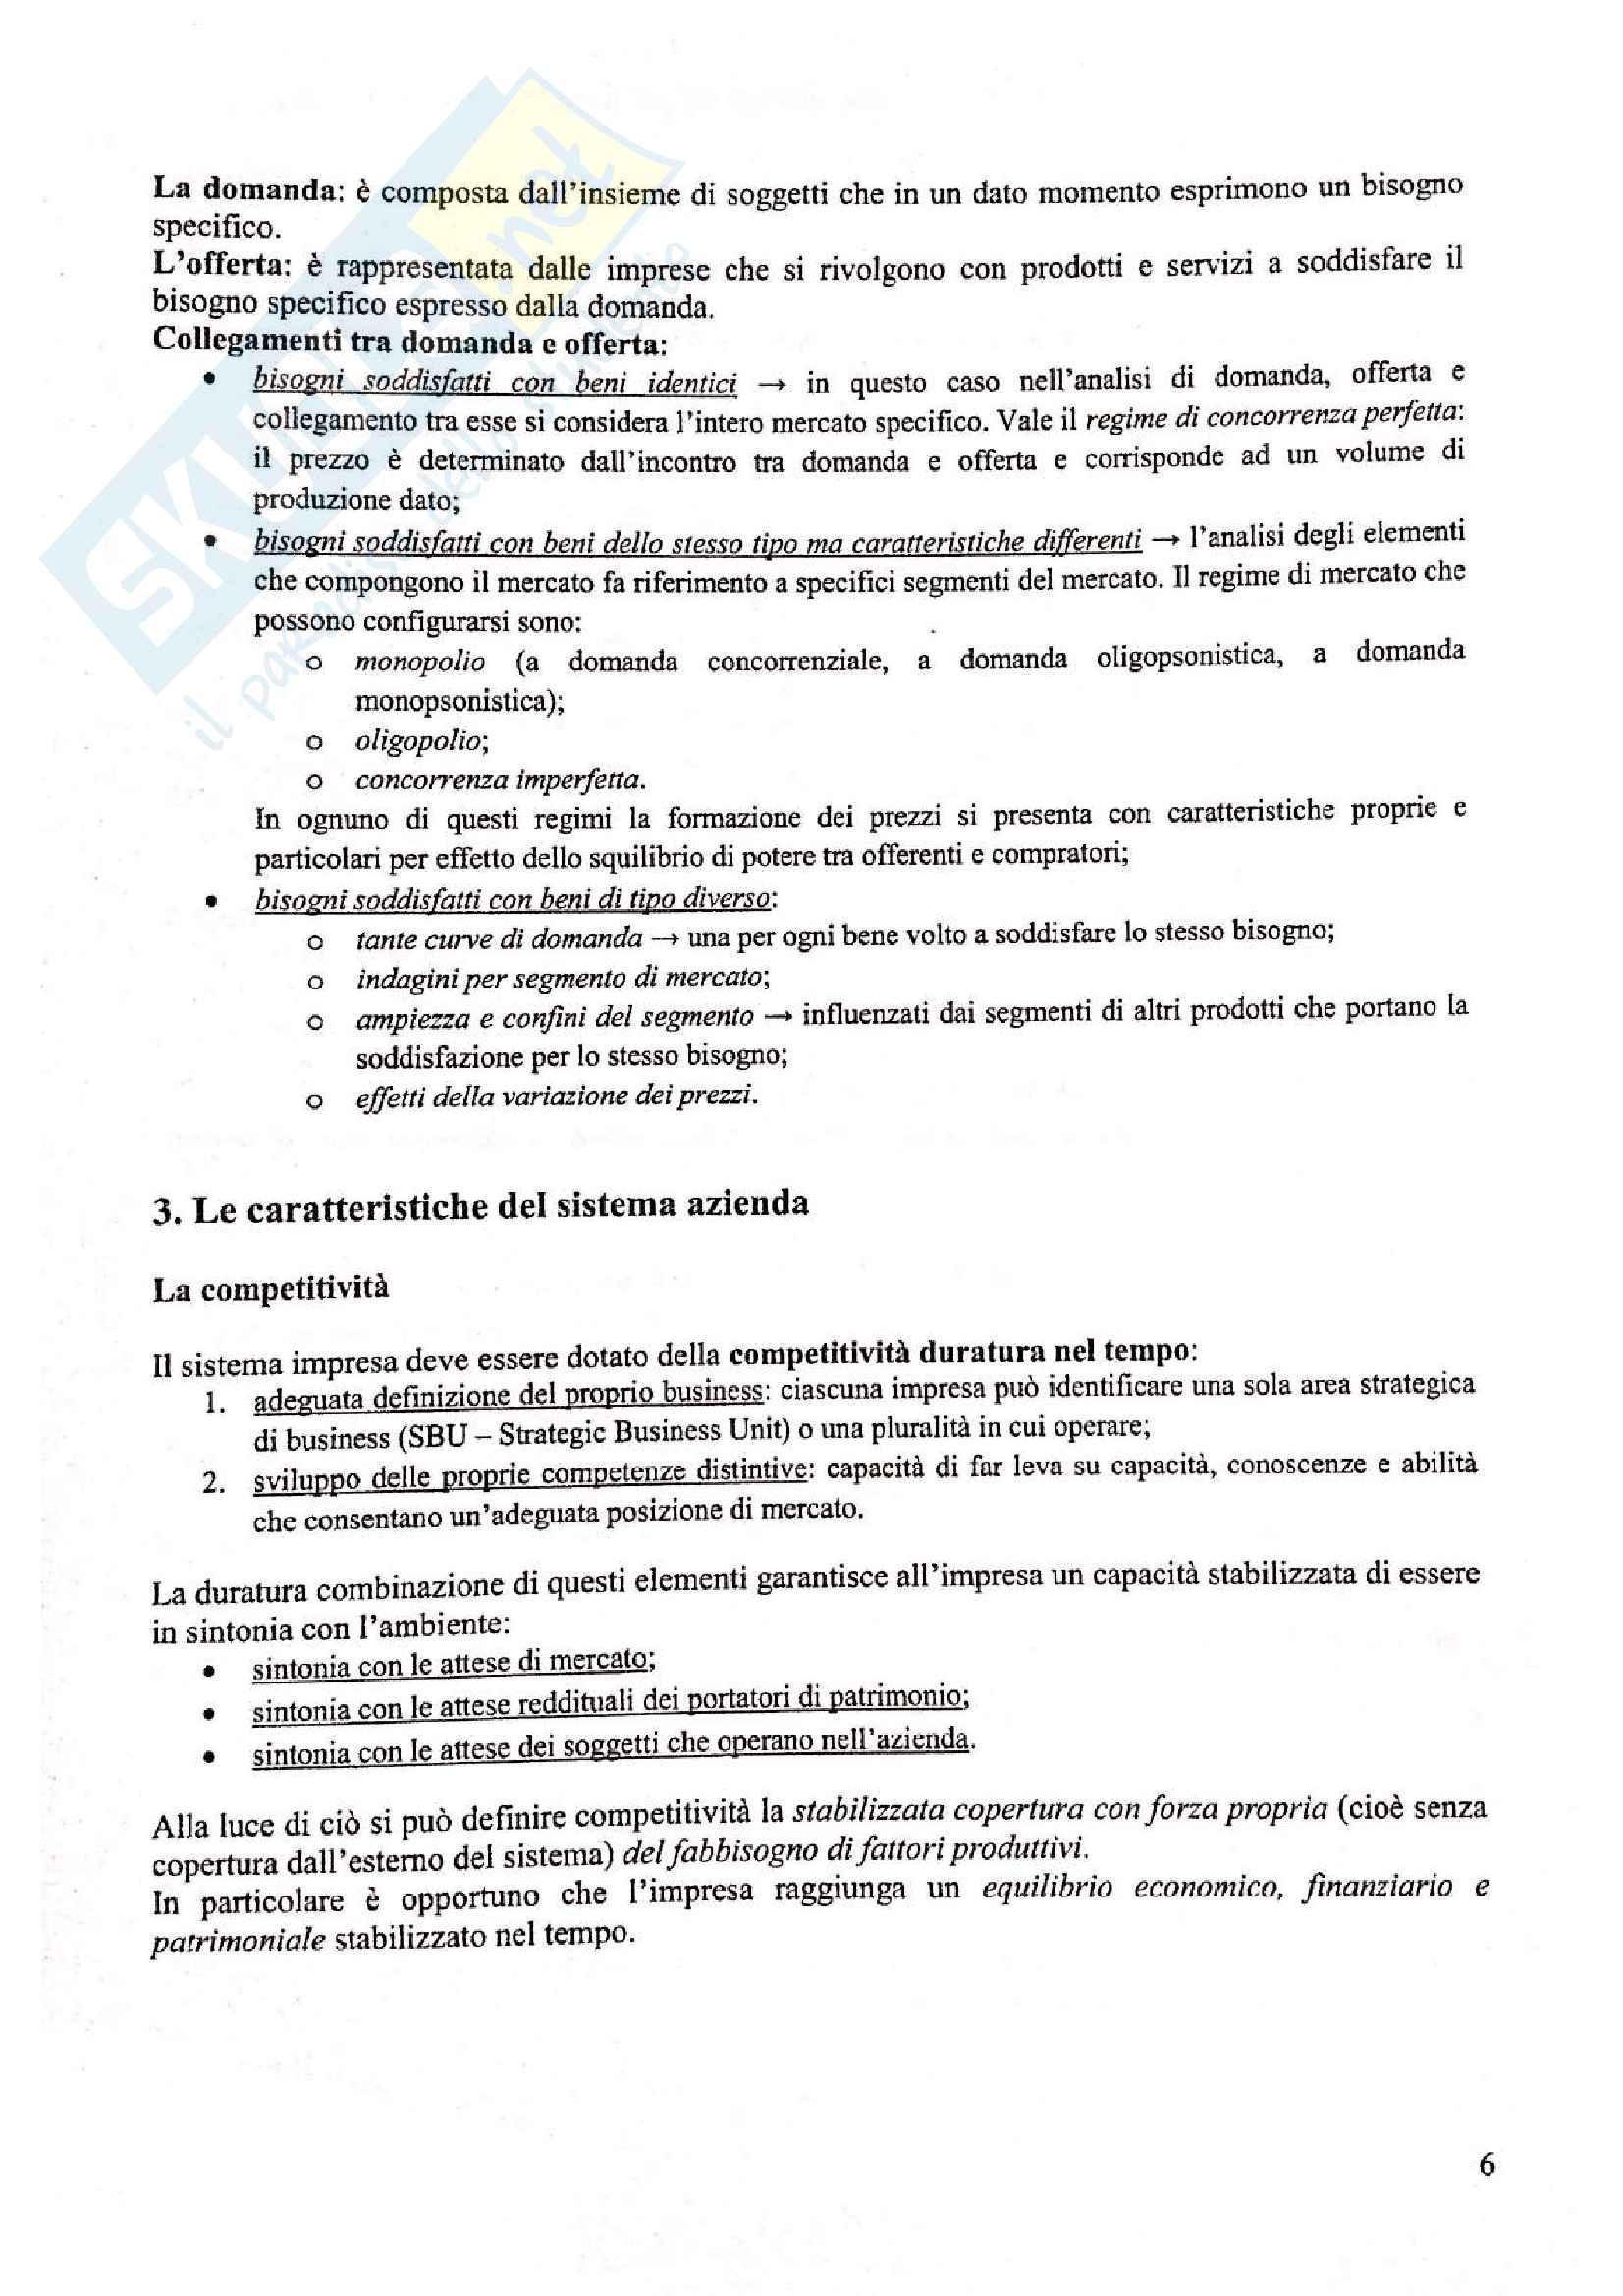 Appunti di economia aziendale, prof. Biancone Pag. 6